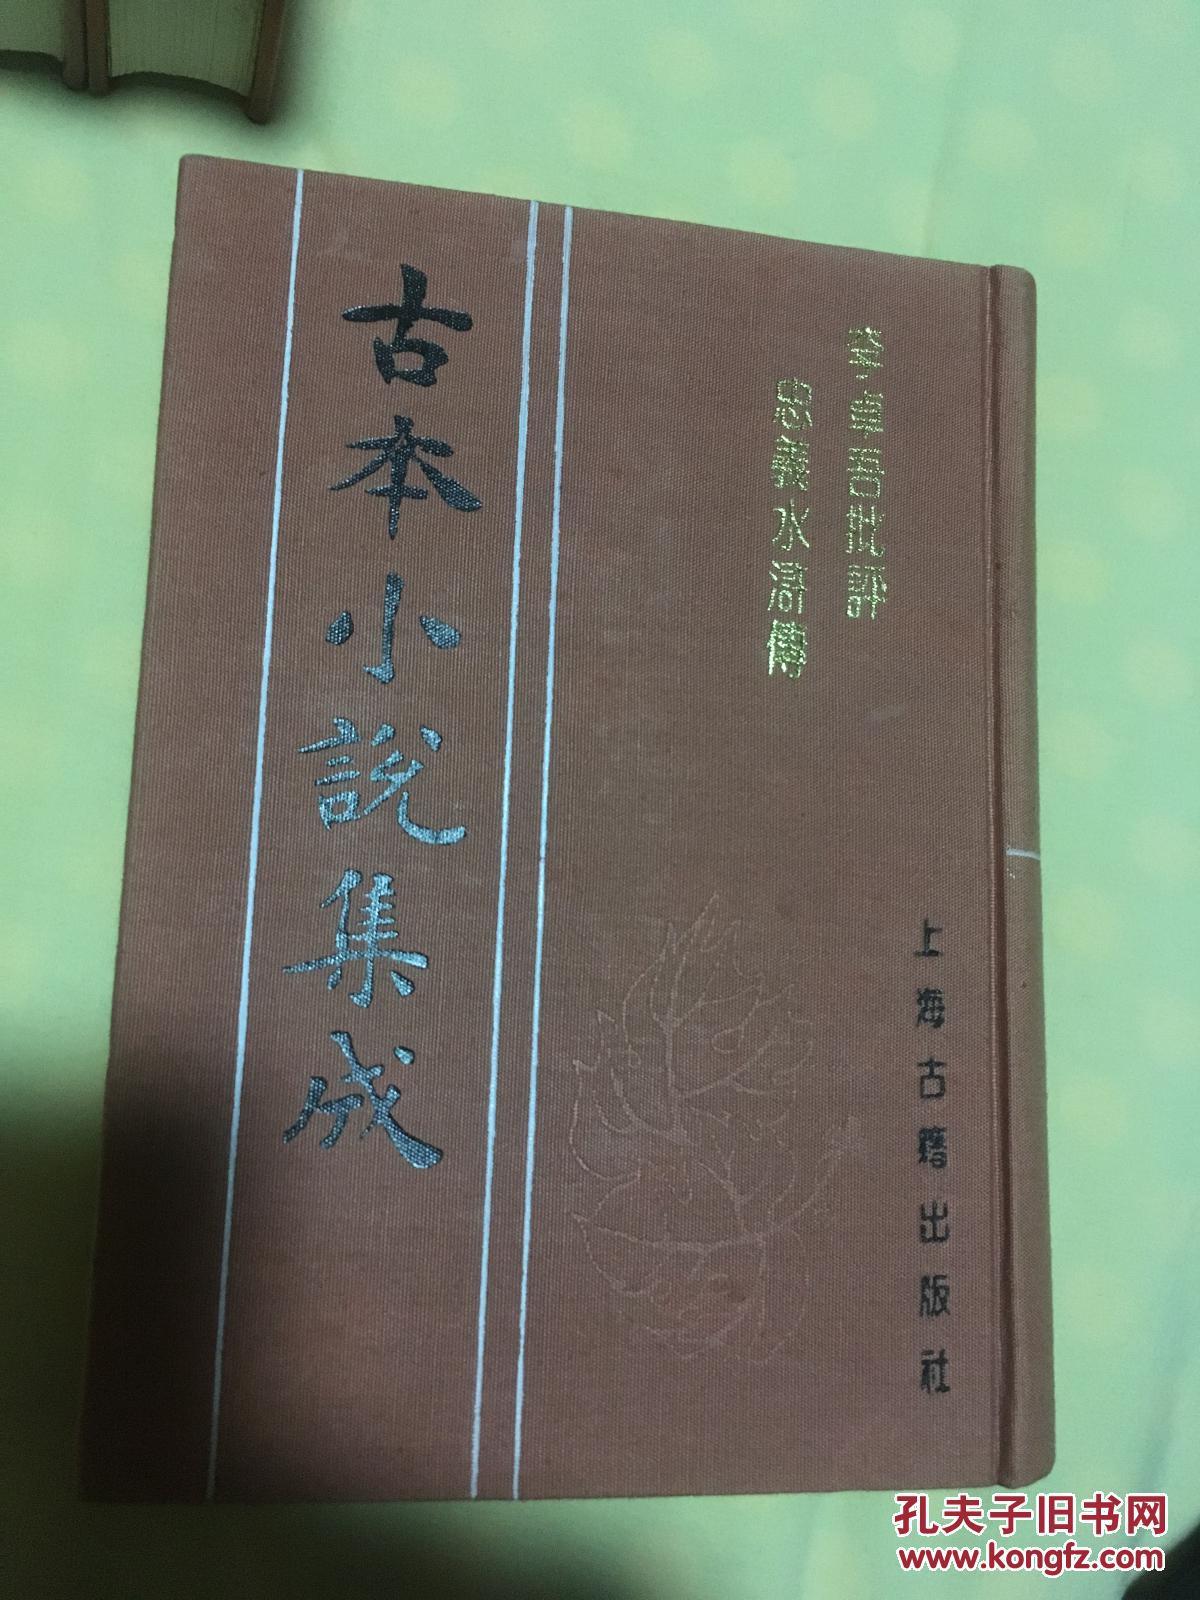 古本小说集成: 李卓吾批评忠义水浒传 五册全 (布面精装 )